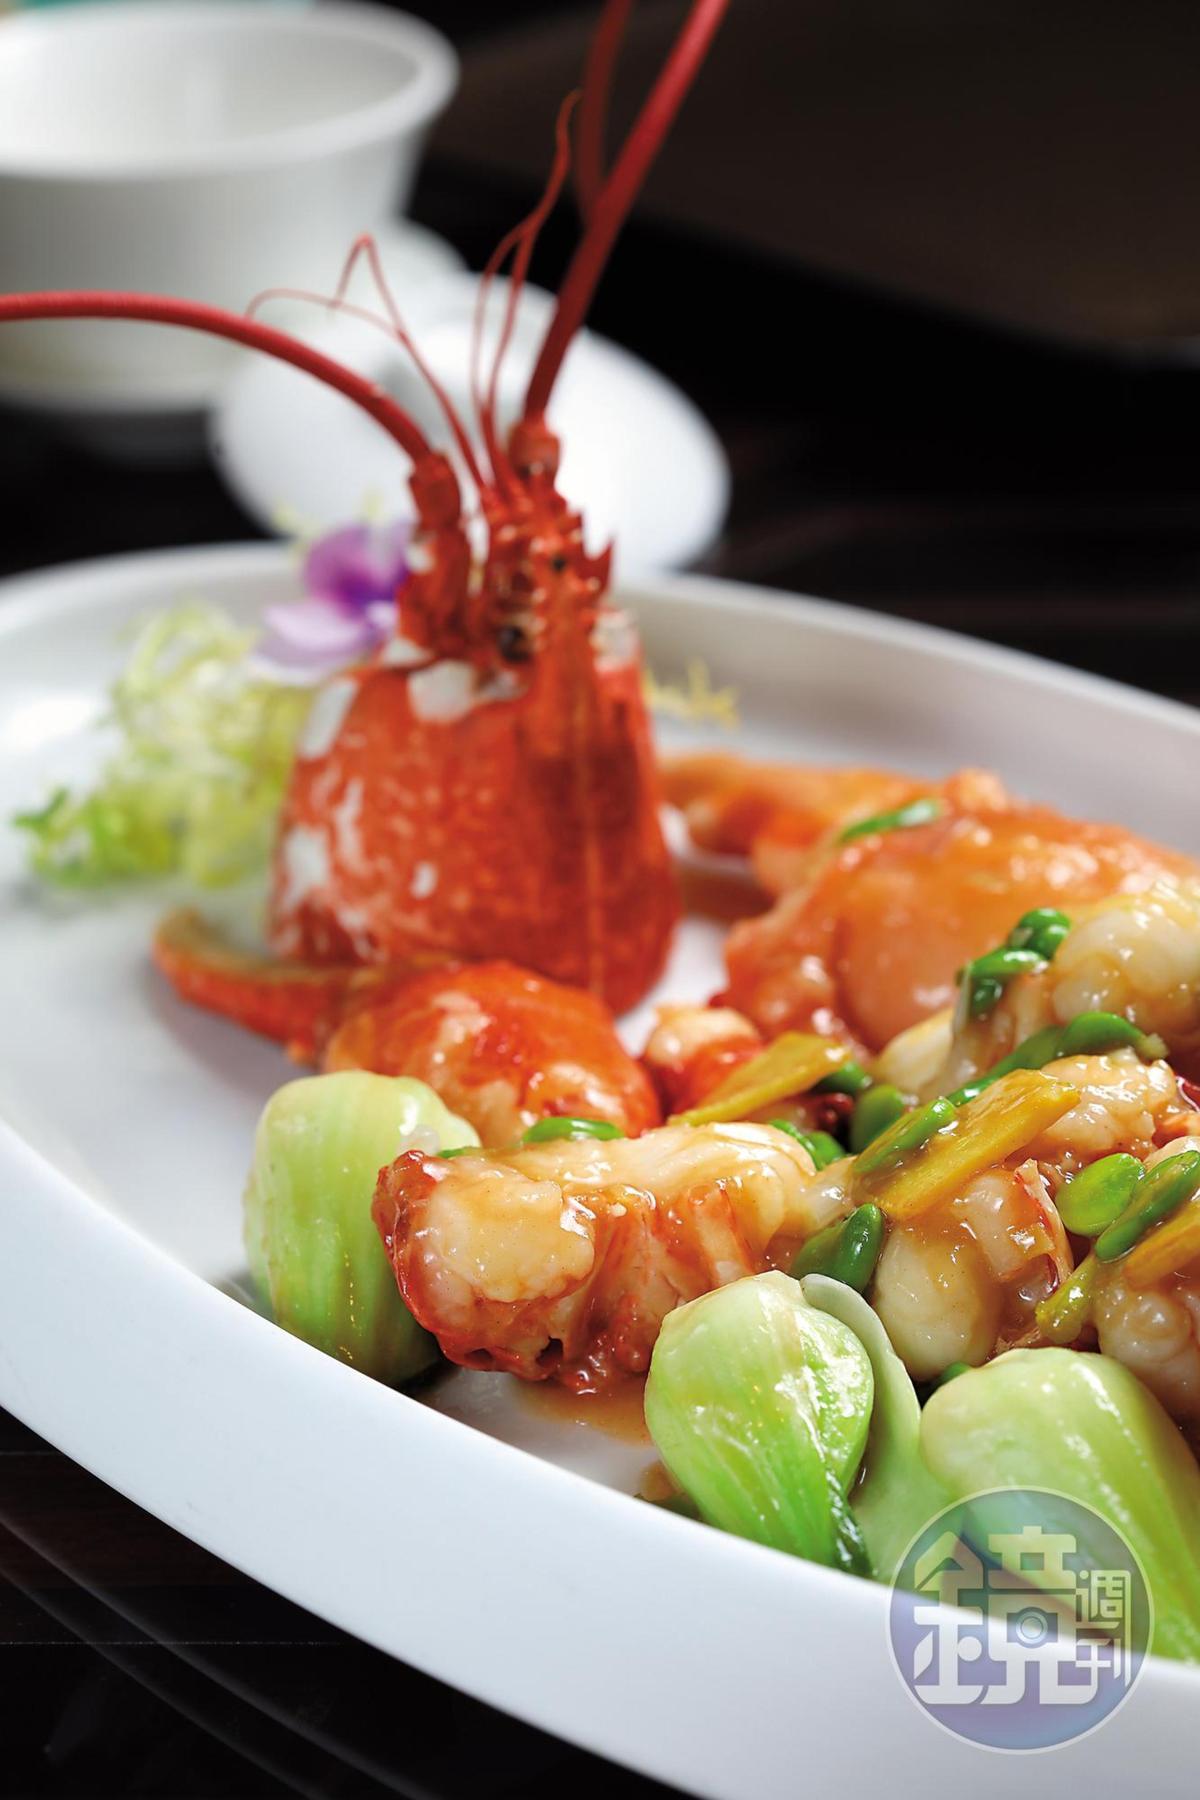 「本地藍龍蝦」有避風塘、上湯、蒜茸蒸、薑蔥炒等8種做法,可從中擇一。(112歐元/0.75Kg,約NT$3,943)